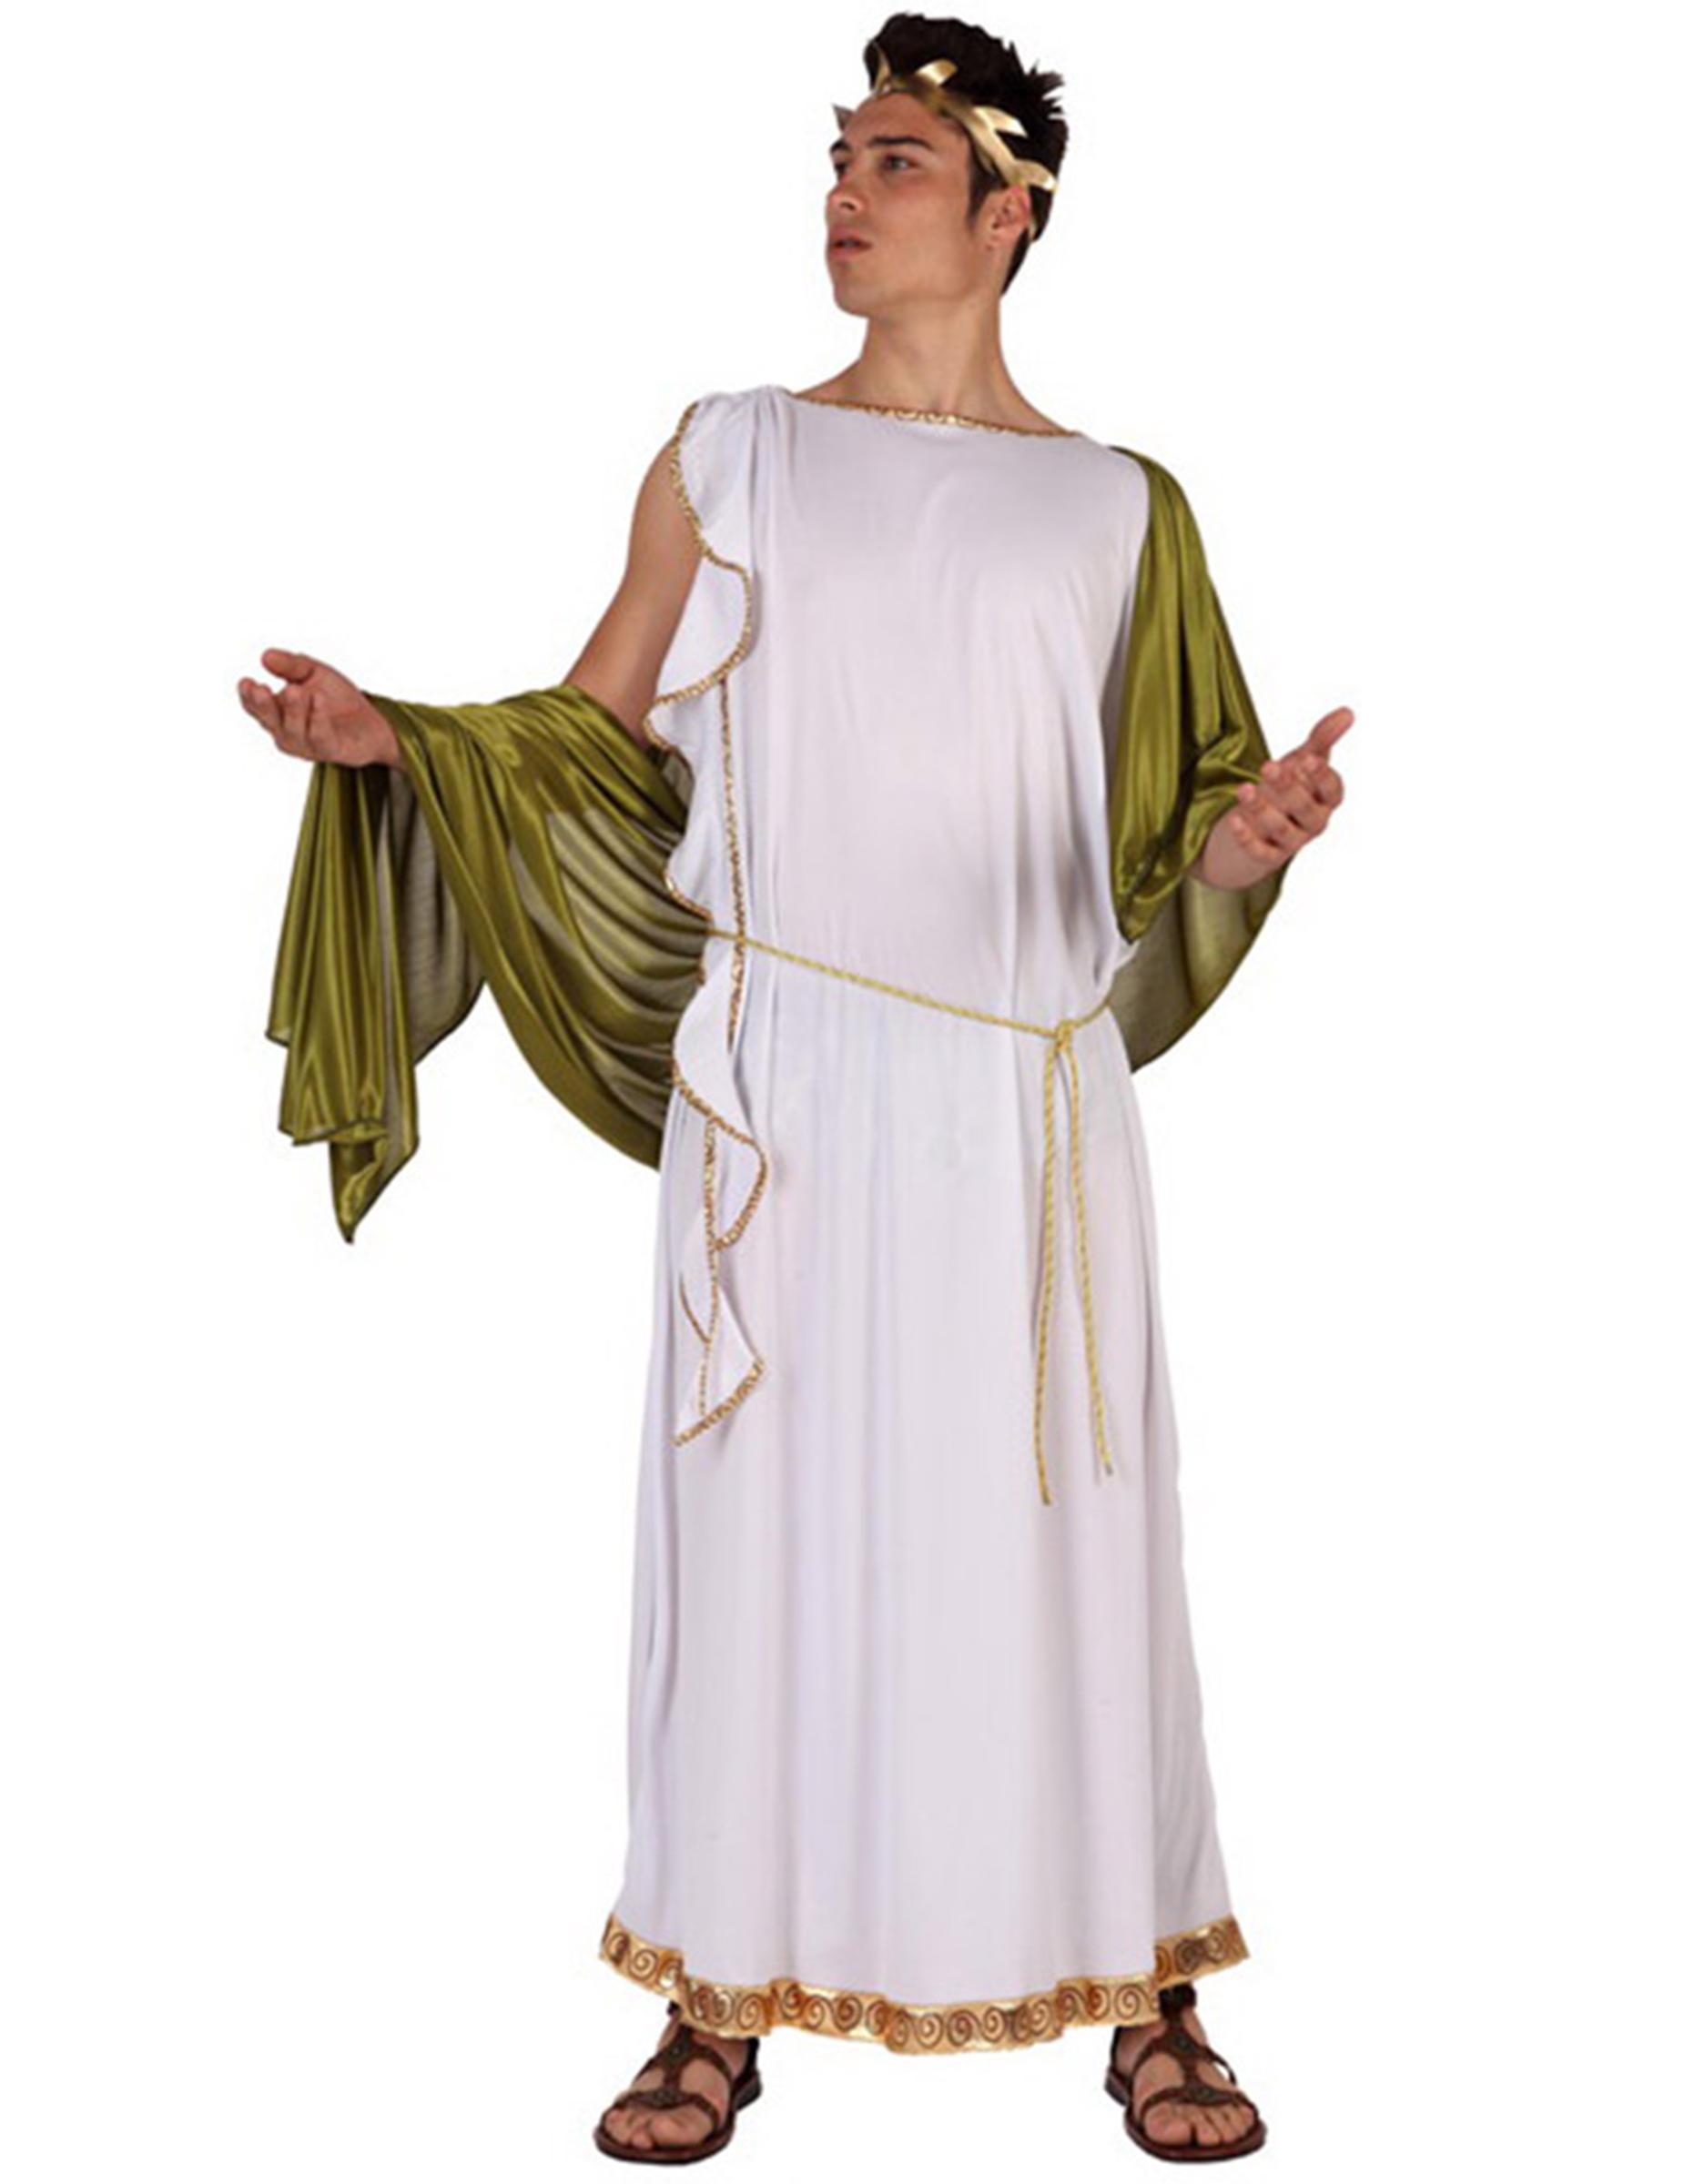 græsk kostume